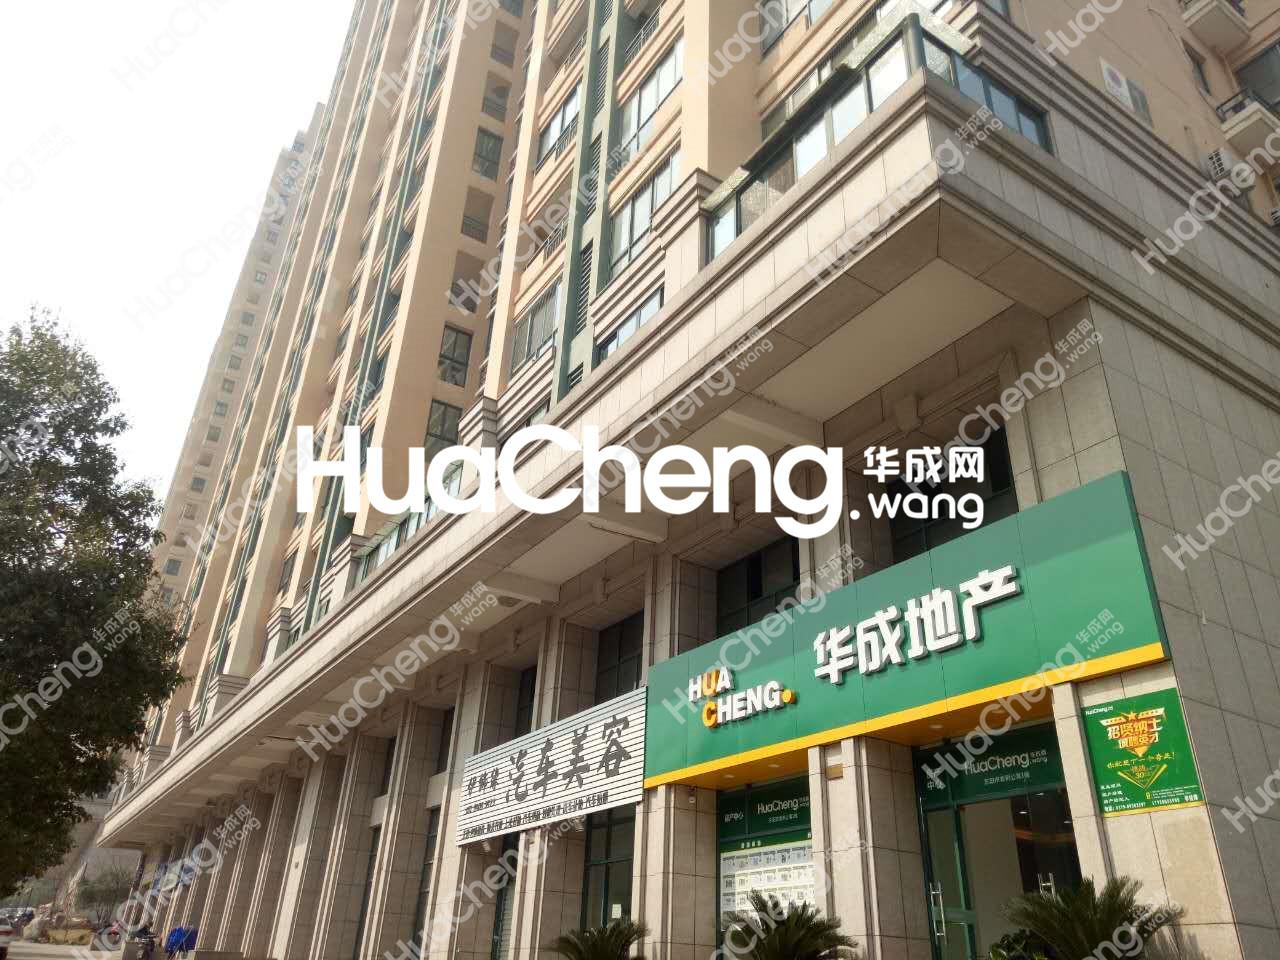 紫荆公寓豪华单身公寓70年住宅